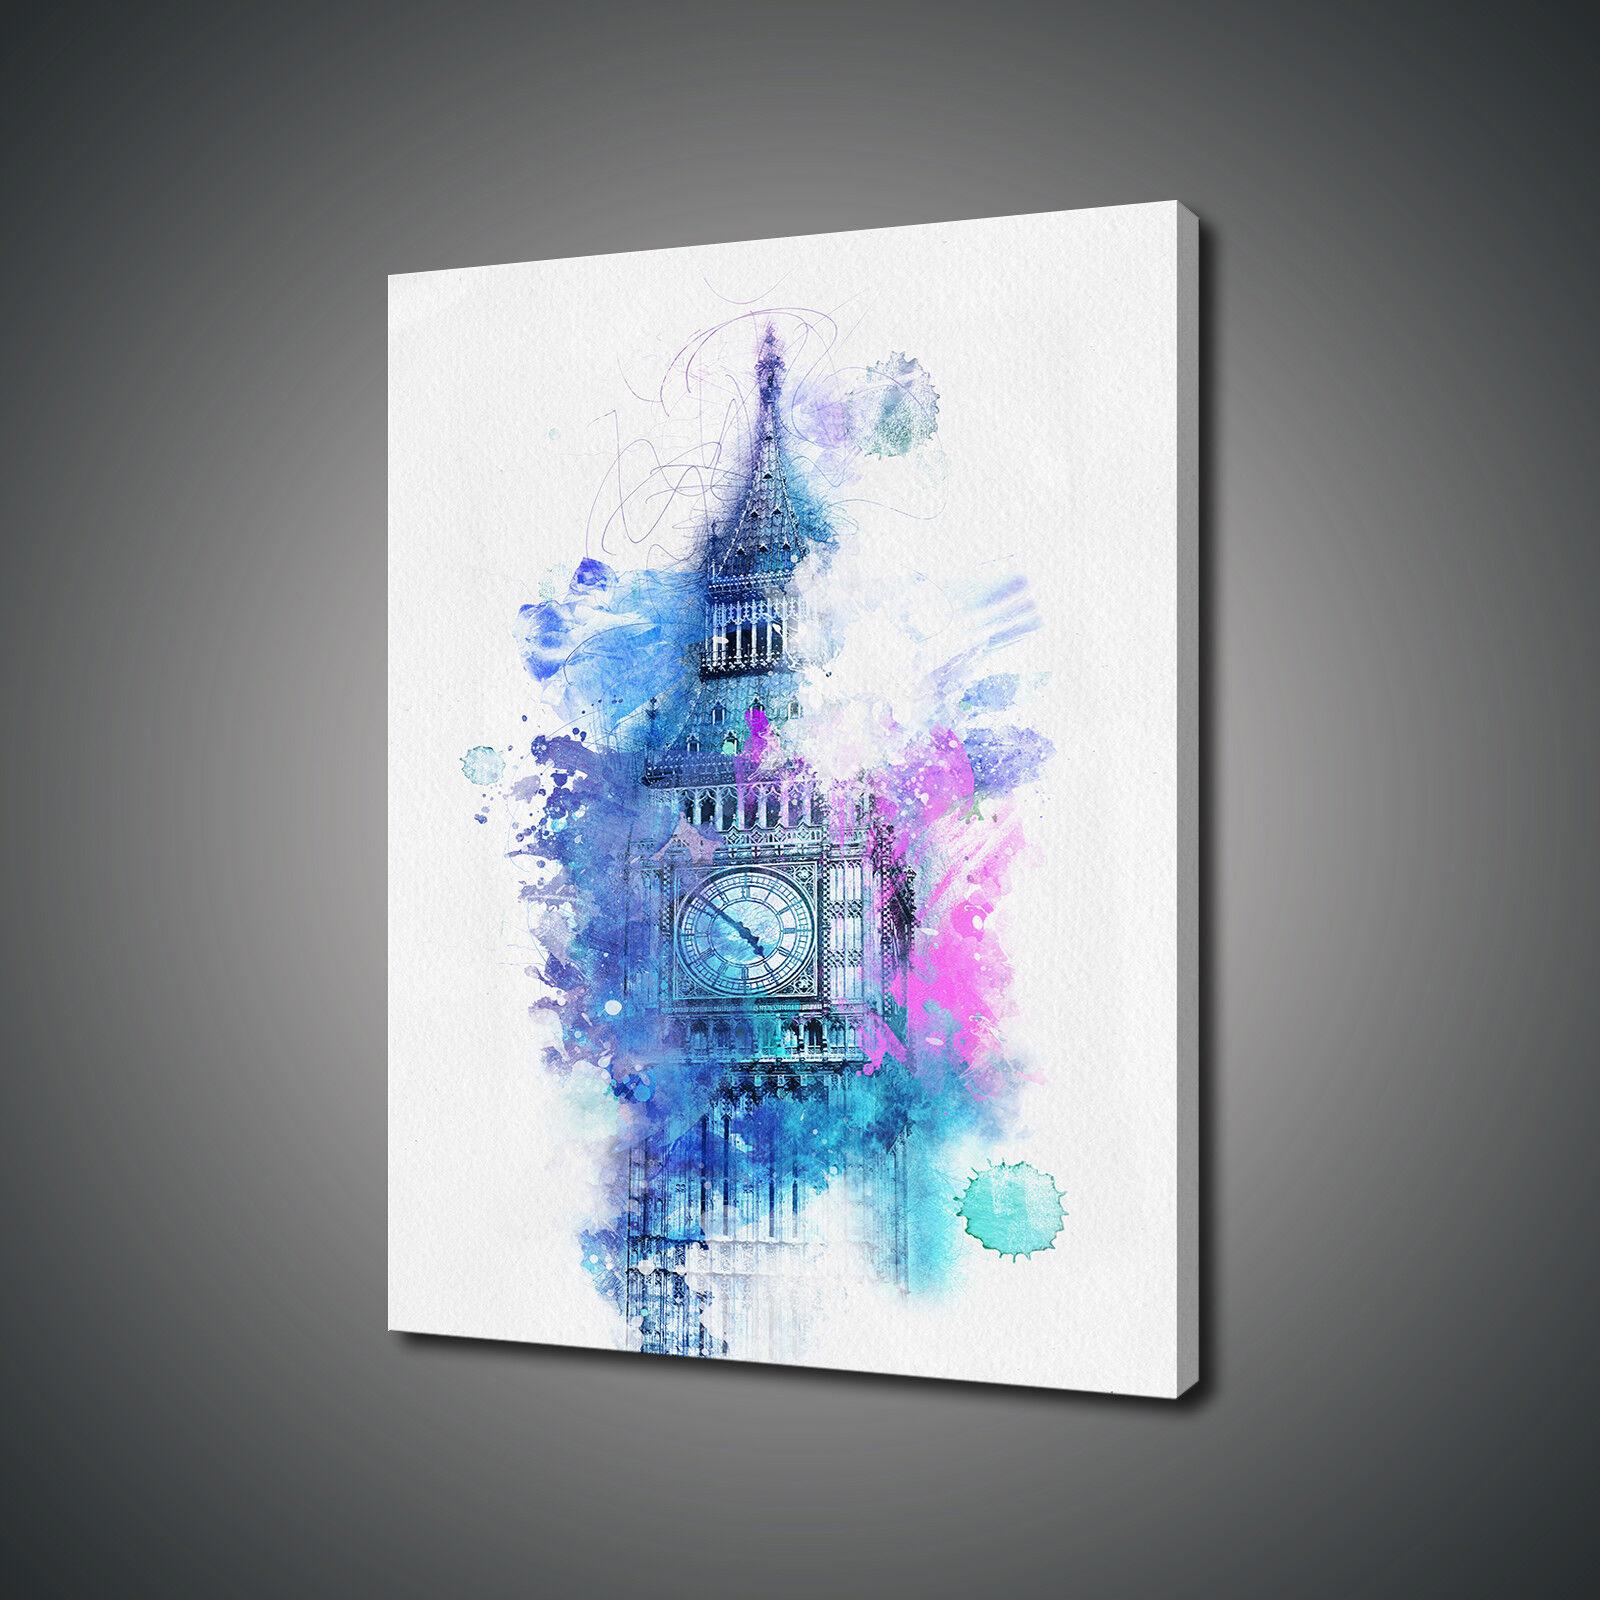 BIG Ben Londra stile dipinto ad Acquerello stampa art. a muro FOTO PHOTO